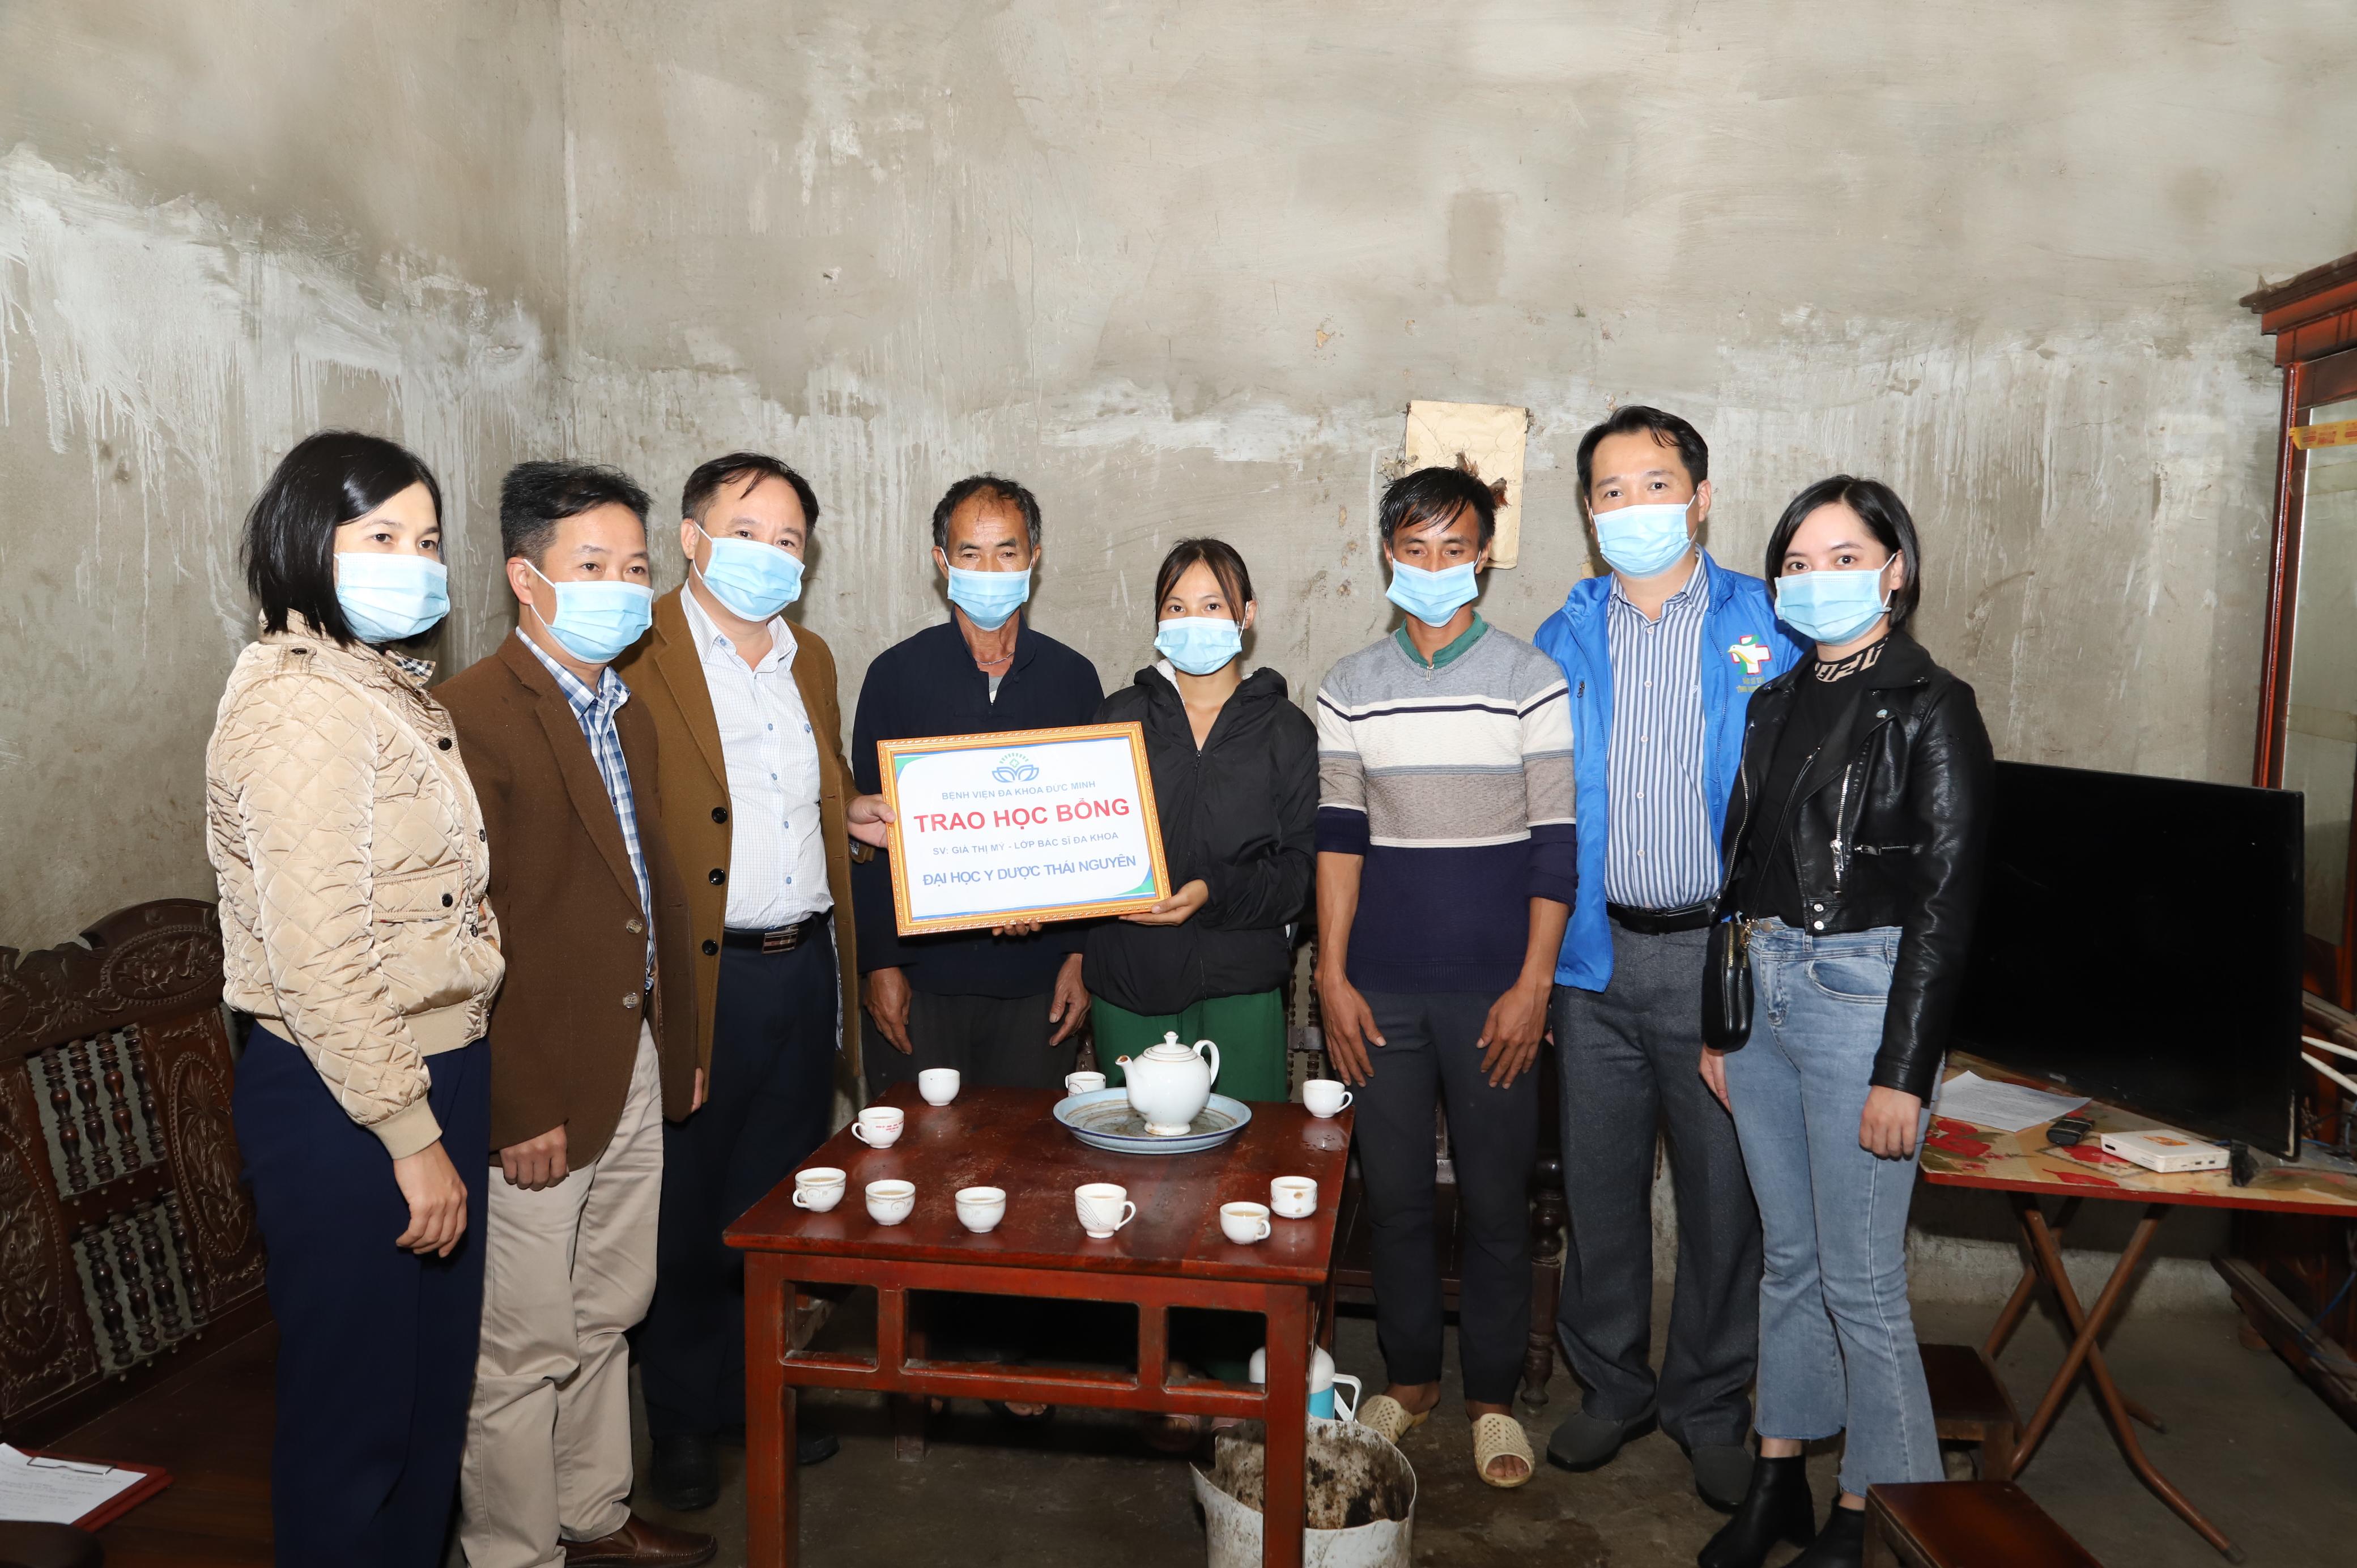 Trao học bổng cho tân sinh viên có hoàn cảnh khó khăn ở xã Xín Cái Mèo Vạc